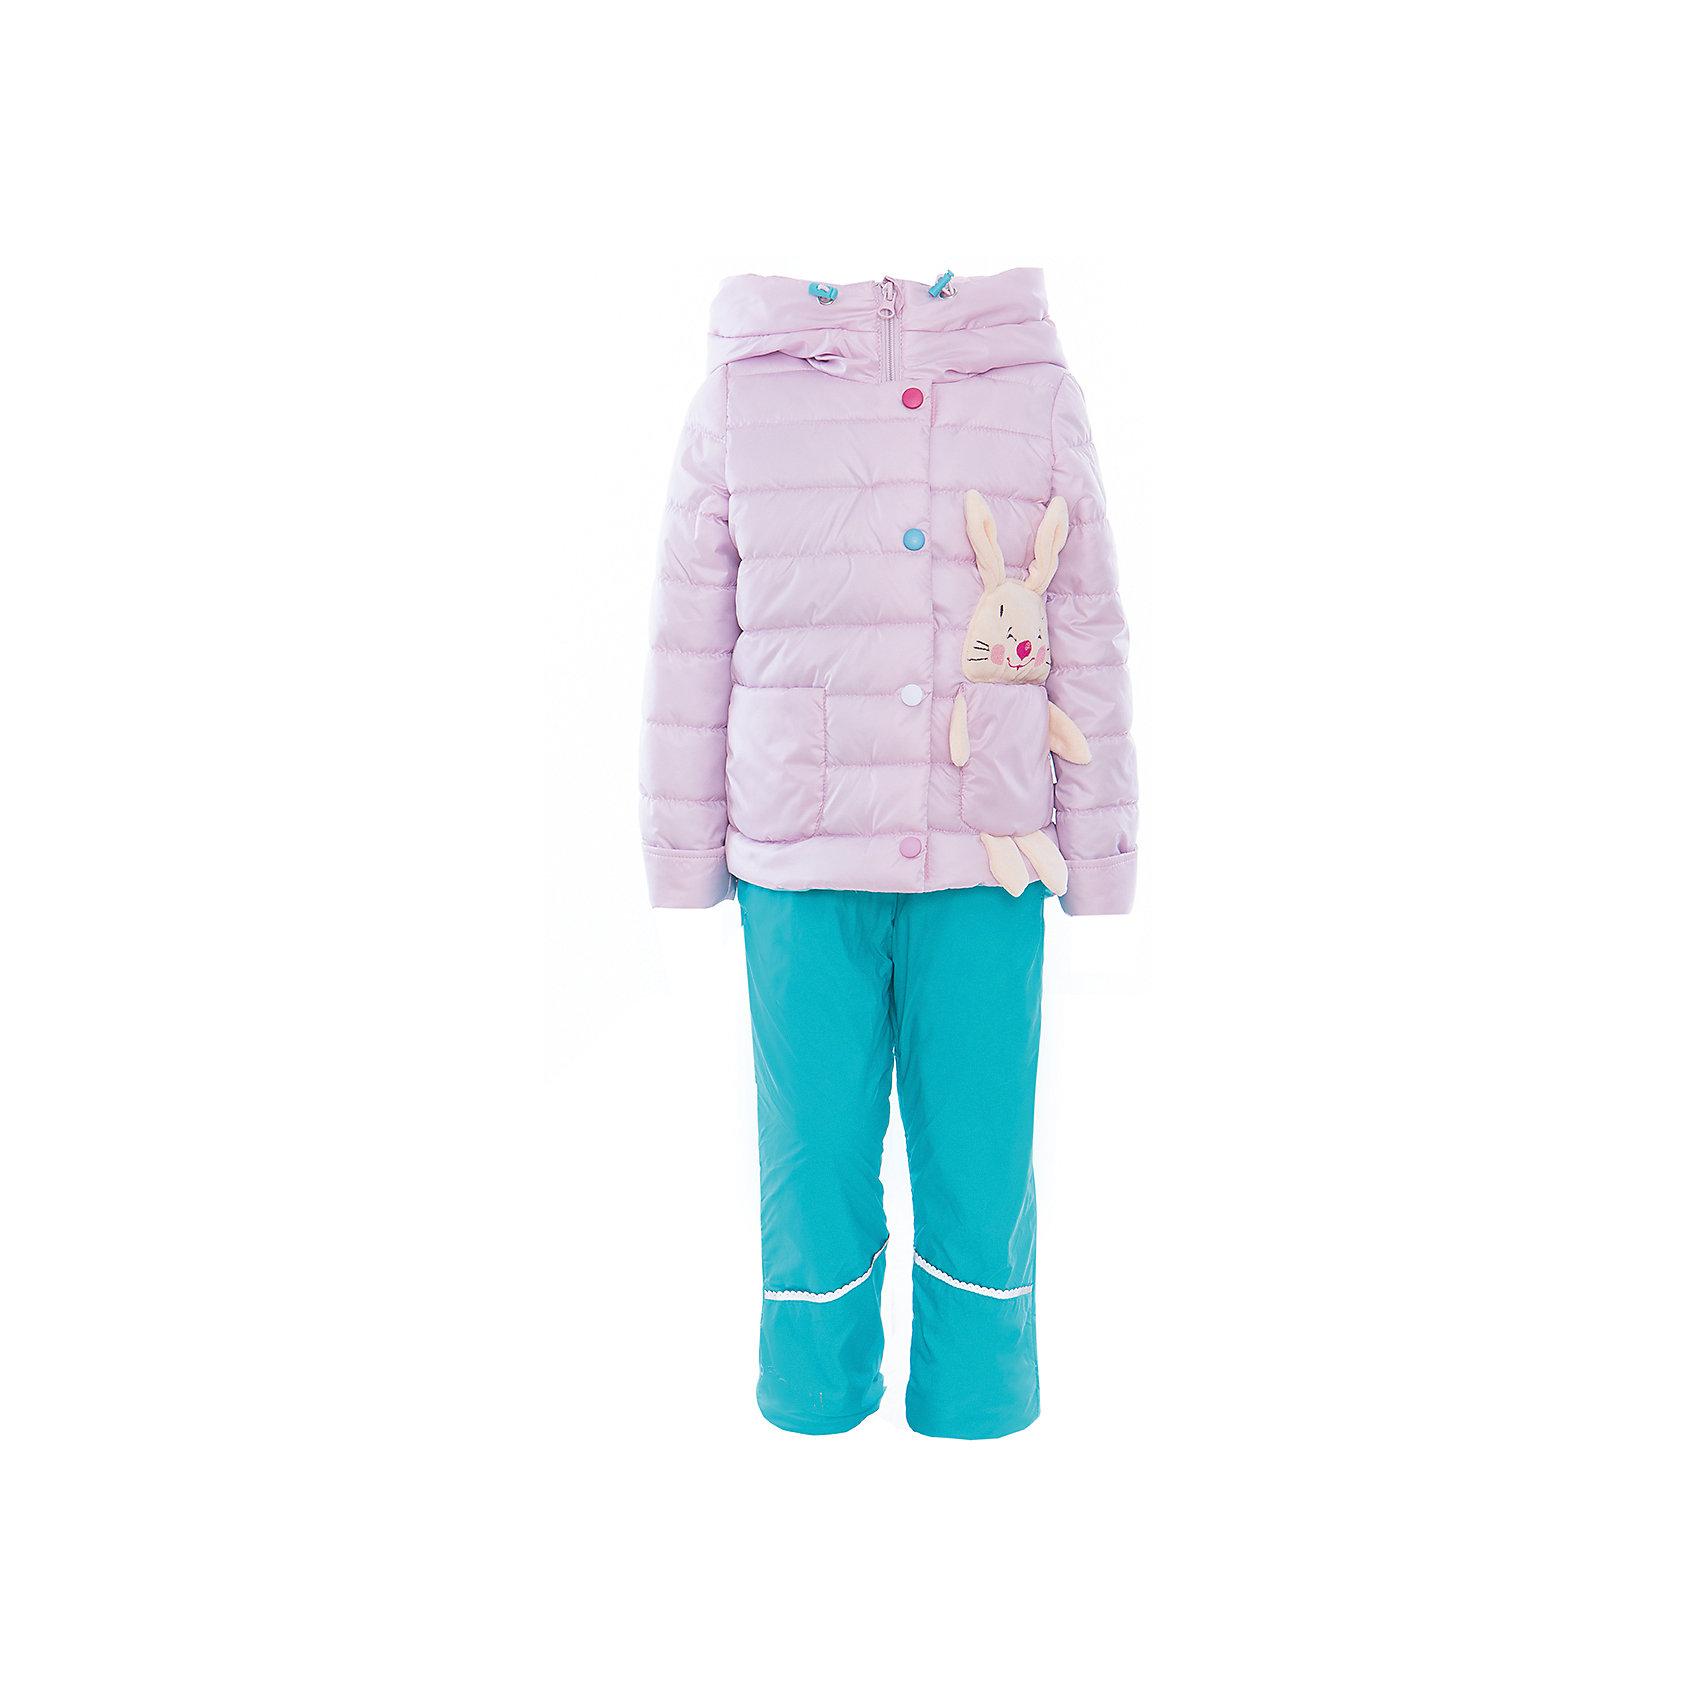 Комплект для девочки BOOM by OrbyВерхняя одежда<br>Характеристики товара:<br><br>• цвет: розовый/бирюзовый<br>• состав: <br>курточка: верх - таффета, подкладка - поликоттон, полиэстер, утеплитель: эко-синтепон 150 г/м2<br>брюки: верх - таффета, подкладка - флис<br>• комплектация: куртка, брюки<br>• температурный режим: от -5 С° до +10 С° <br>• из прочной ткани<br>• застежка - молния<br>• благодаря манжетам-отворотам значительно регулируется размер<br>• оригинальный декор<br>• карманы<br>• комфортная посадка<br>• страна производства: Российская Федерация<br>• страна бренда: Российская Федерация<br>• коллекция: весна-лето 2017<br><br>Такой комплект - универсальный вариант для межсезонья с постоянно меняющейся погодой. Эта модель - модная и удобная одновременно! Изделие отличается стильным ярким дизайном. Куртка и брюки хорошо сидят по фигуре, отлично сочетается с различной обувью. Модель была разработана специально для детей.<br><br>Одежда от российского бренда BOOM by Orby уже завоевала популярностью у многих детей и их родителей. Вещи, выпускаемые компанией, качественные, продуманные и очень удобные. Для производства коллекций используются только безопасные для детей материалы. Спешите приобрести модели из новой коллекции Весна-лето 2017! <br><br>Комплект для девочки от бренда BOOM by Orby можно купить в нашем интернет-магазине.<br><br>Ширина мм: 356<br>Глубина мм: 10<br>Высота мм: 245<br>Вес г: 519<br>Цвет: розовый<br>Возраст от месяцев: 12<br>Возраст до месяцев: 18<br>Пол: Женский<br>Возраст: Детский<br>Размер: 86,122,104,92,98,110,116<br>SKU: 5343662